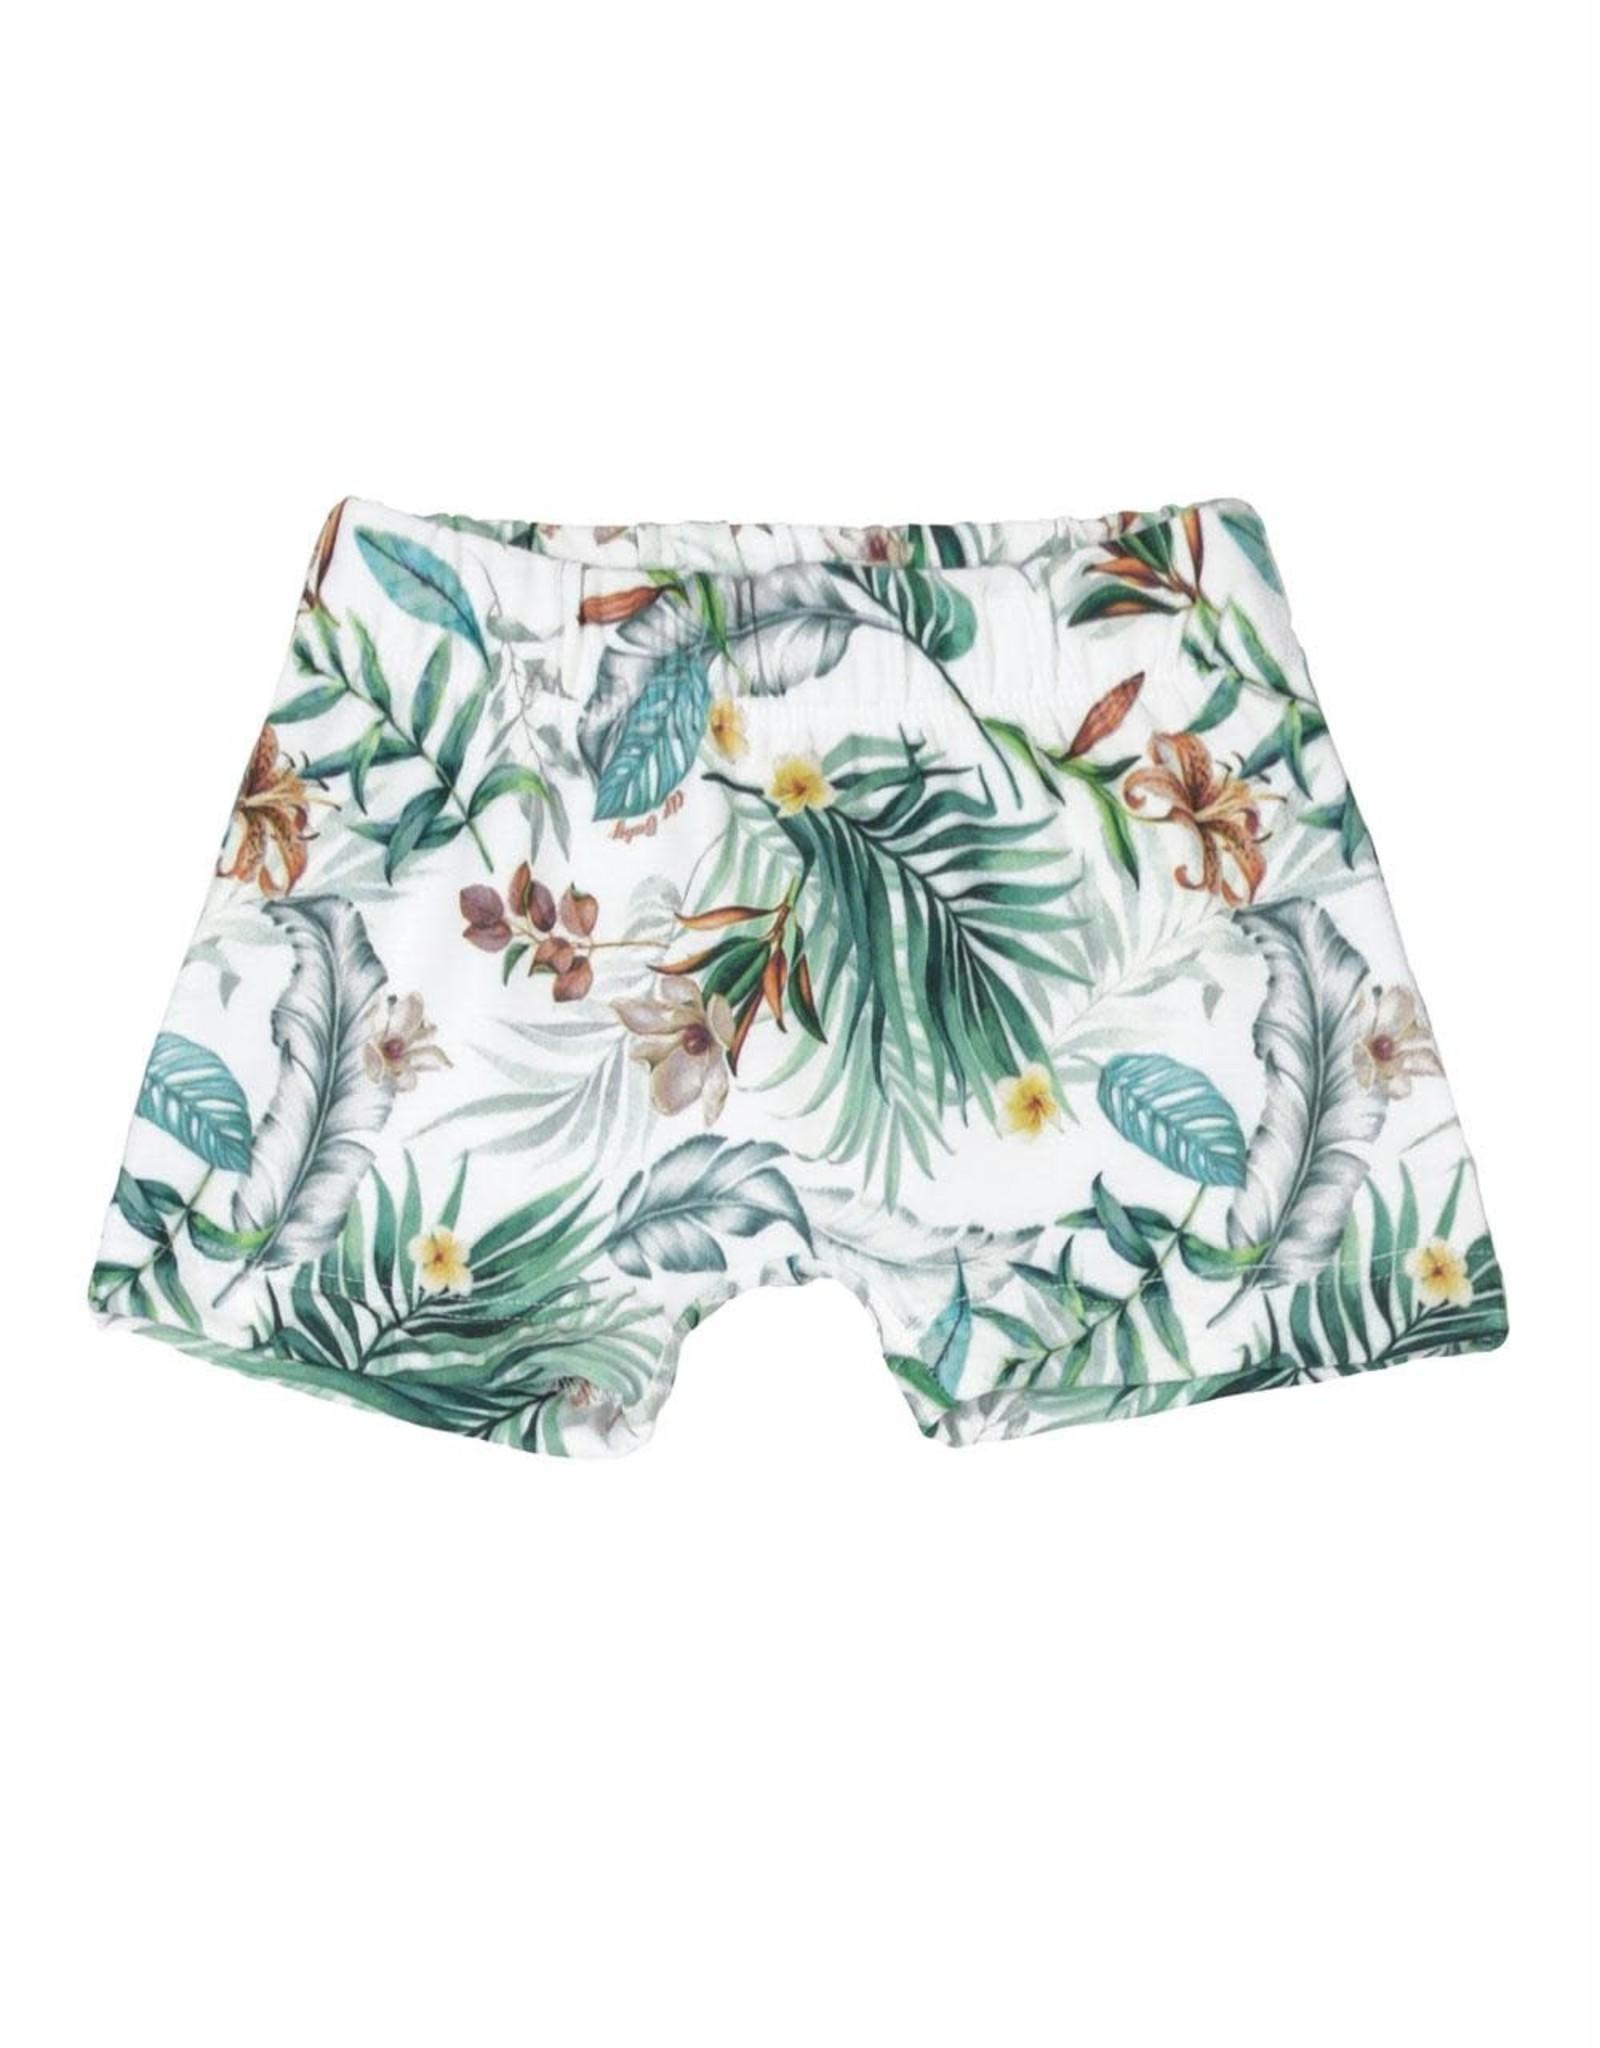 UpBaby Tropical Swim Trunks